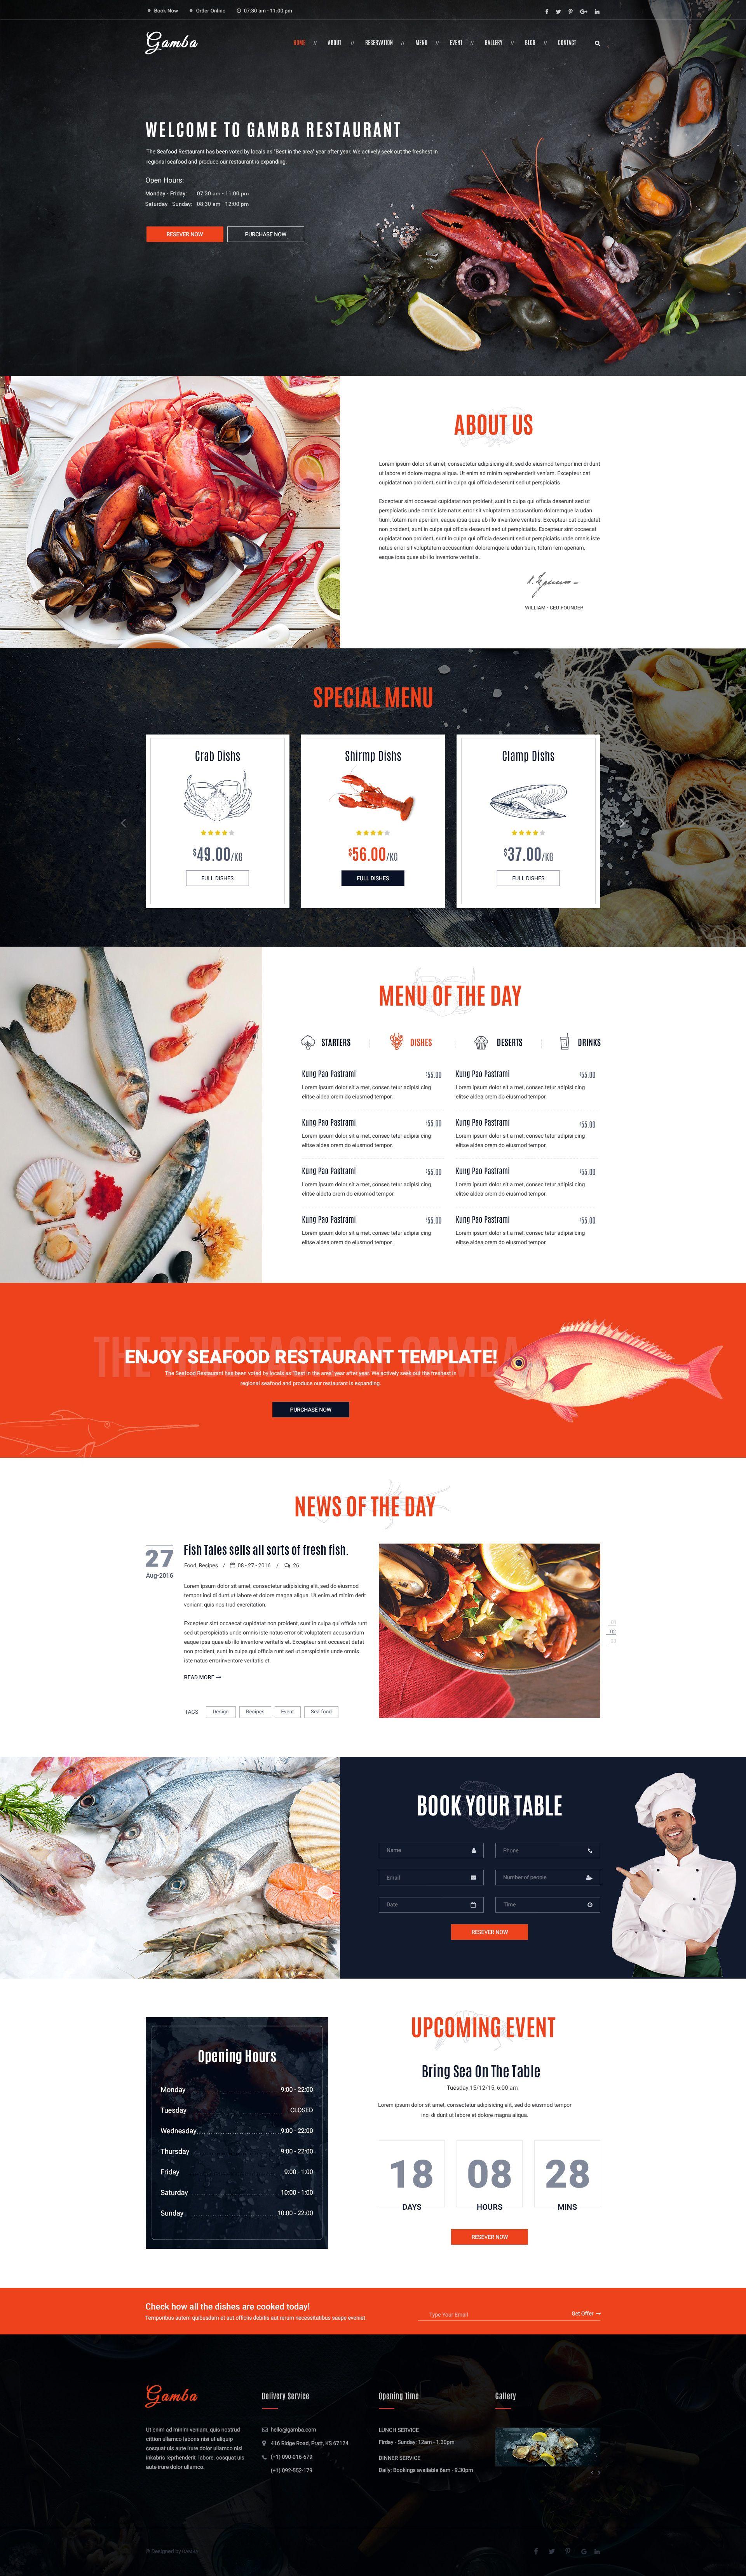 Gamba - Food & Restaurant PSD Template | Bakery cafe, Psd templates ...